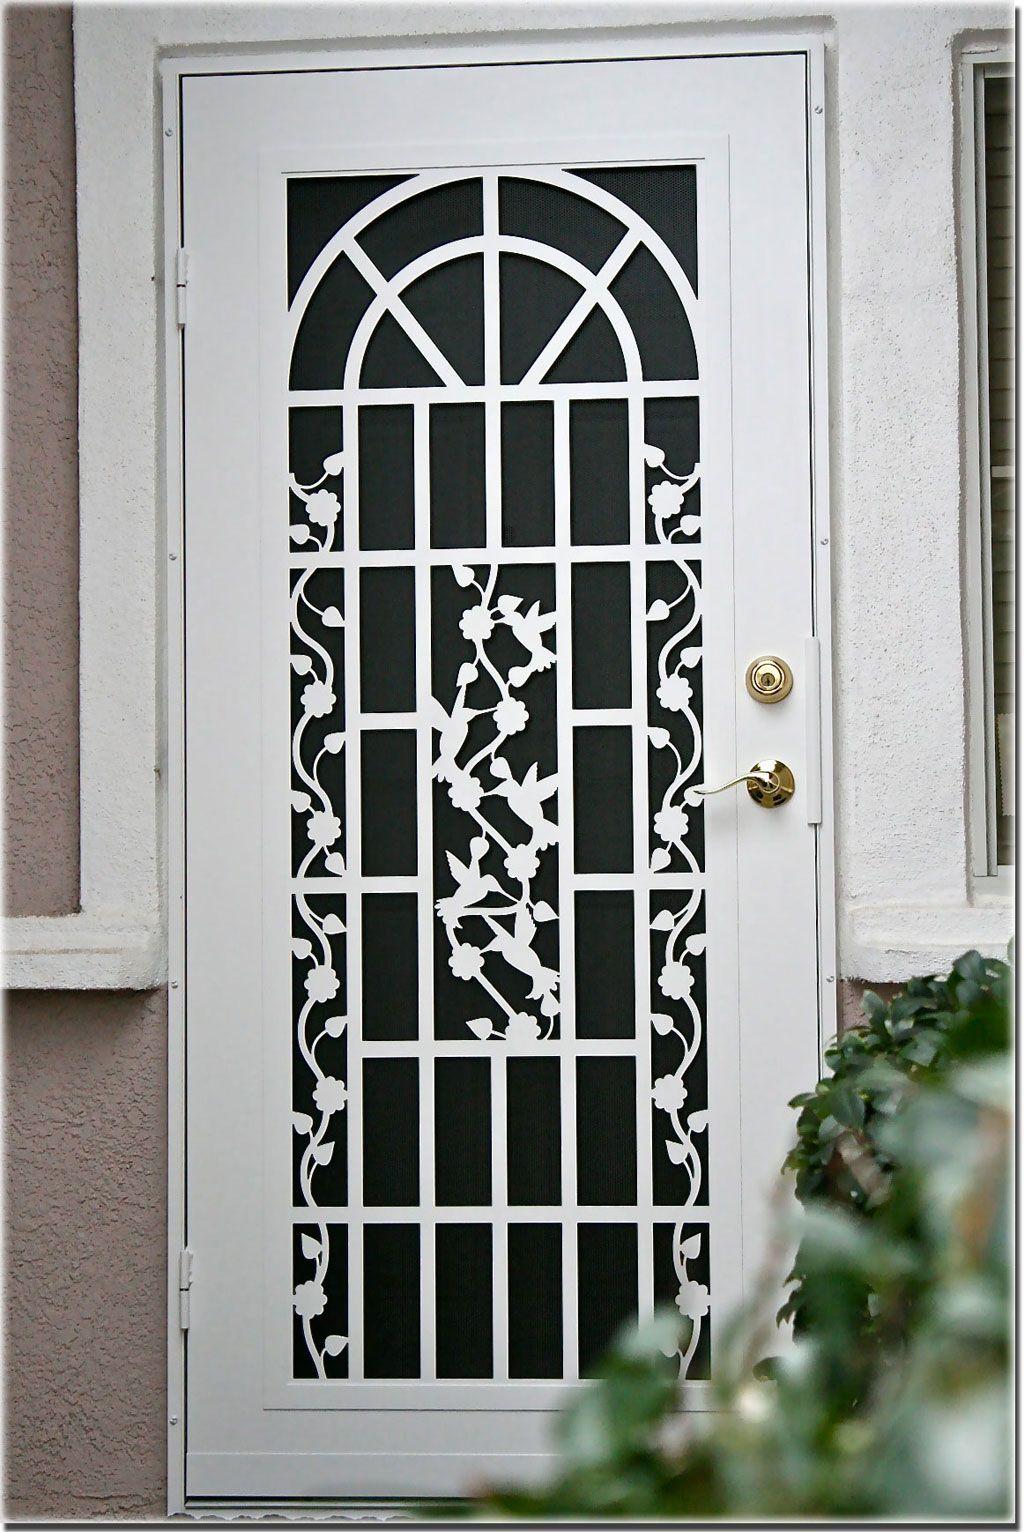 Decorative Security Screen Door Google Search Security Door